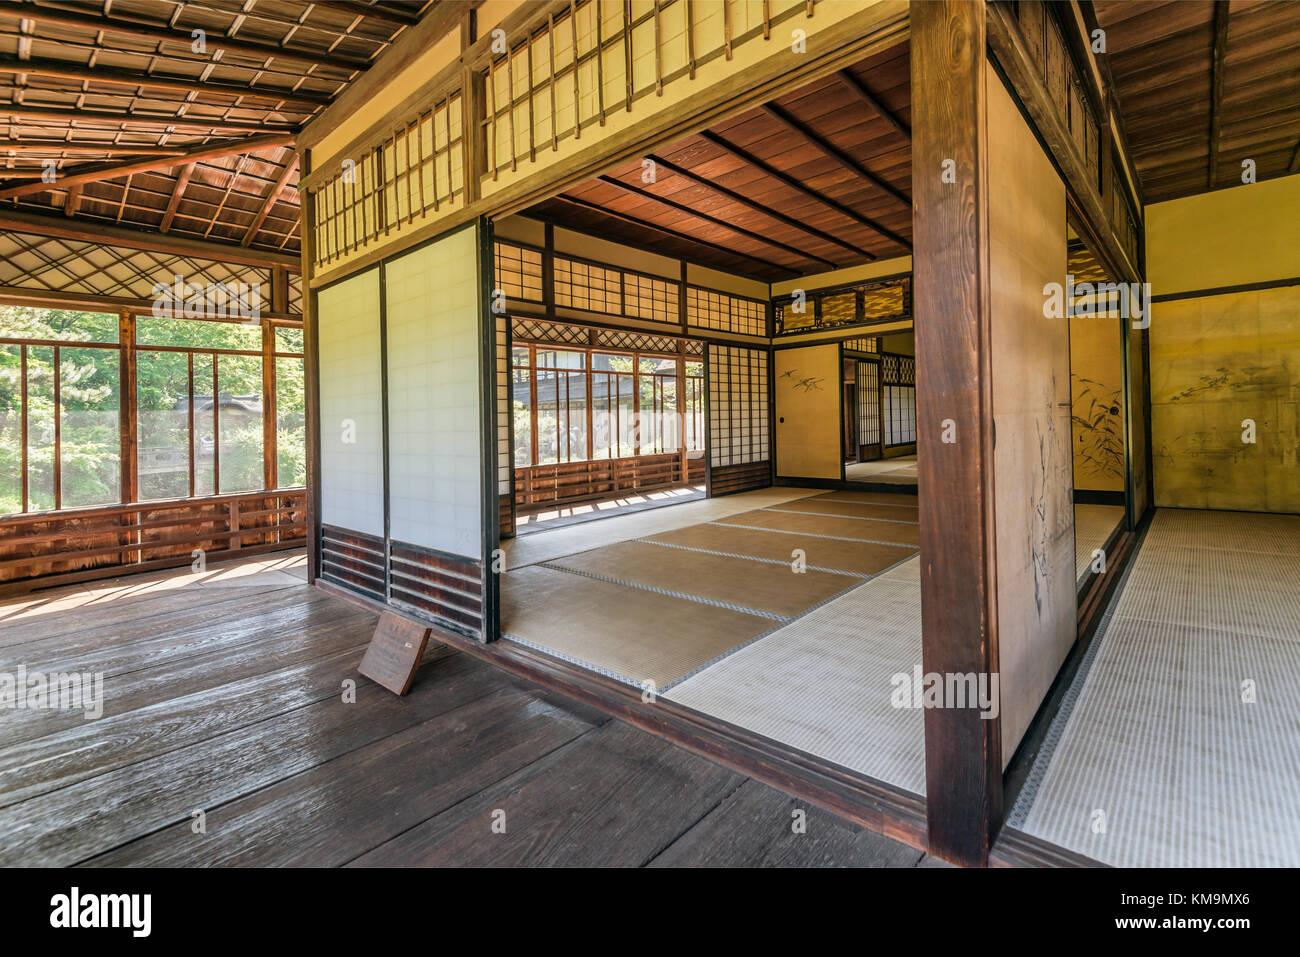 Interieur Maison Japonaise Traditionnelle intérieur de la maison au jardin sankeien rinshunkaku